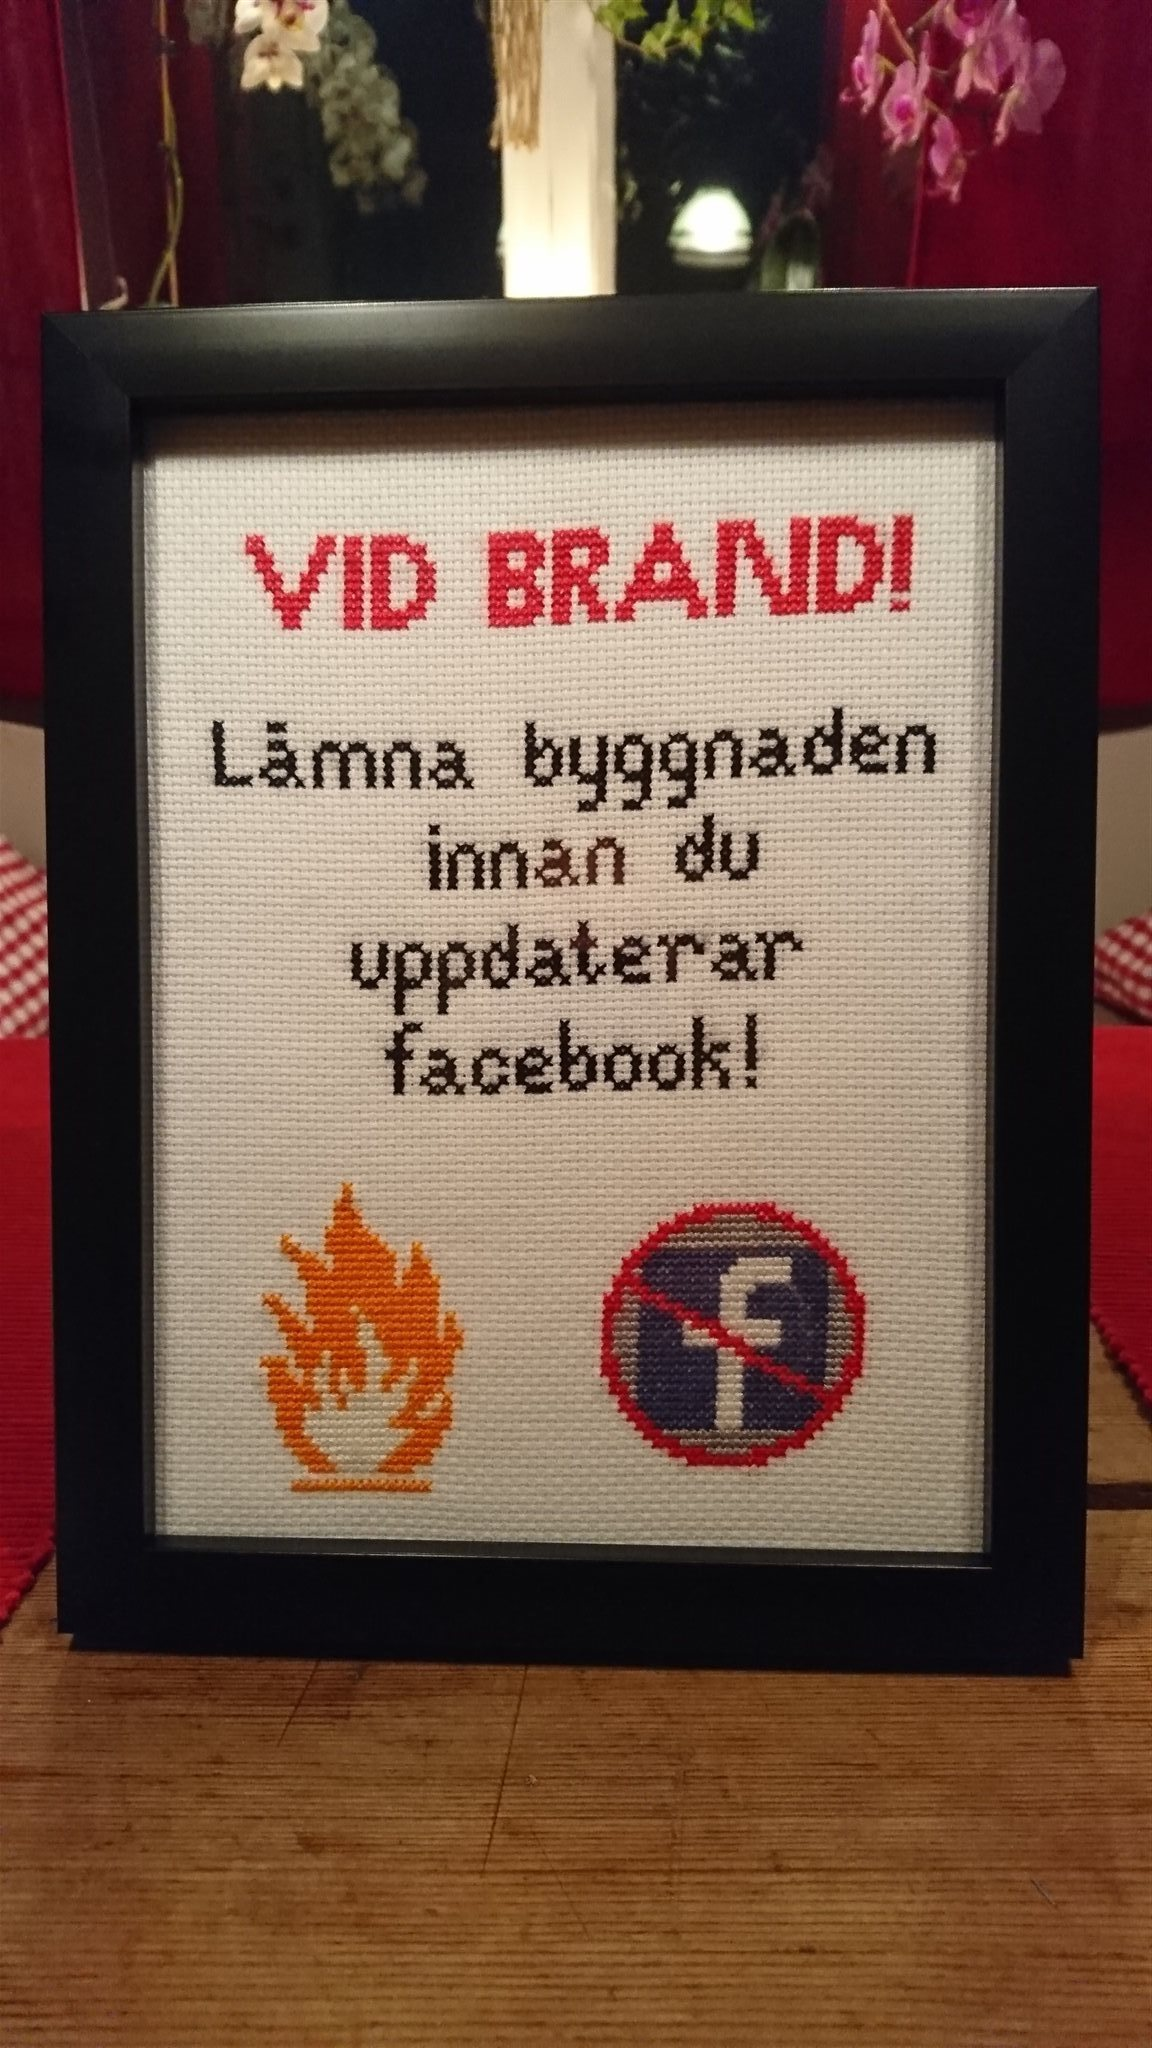 tavlor med budskap på svenska